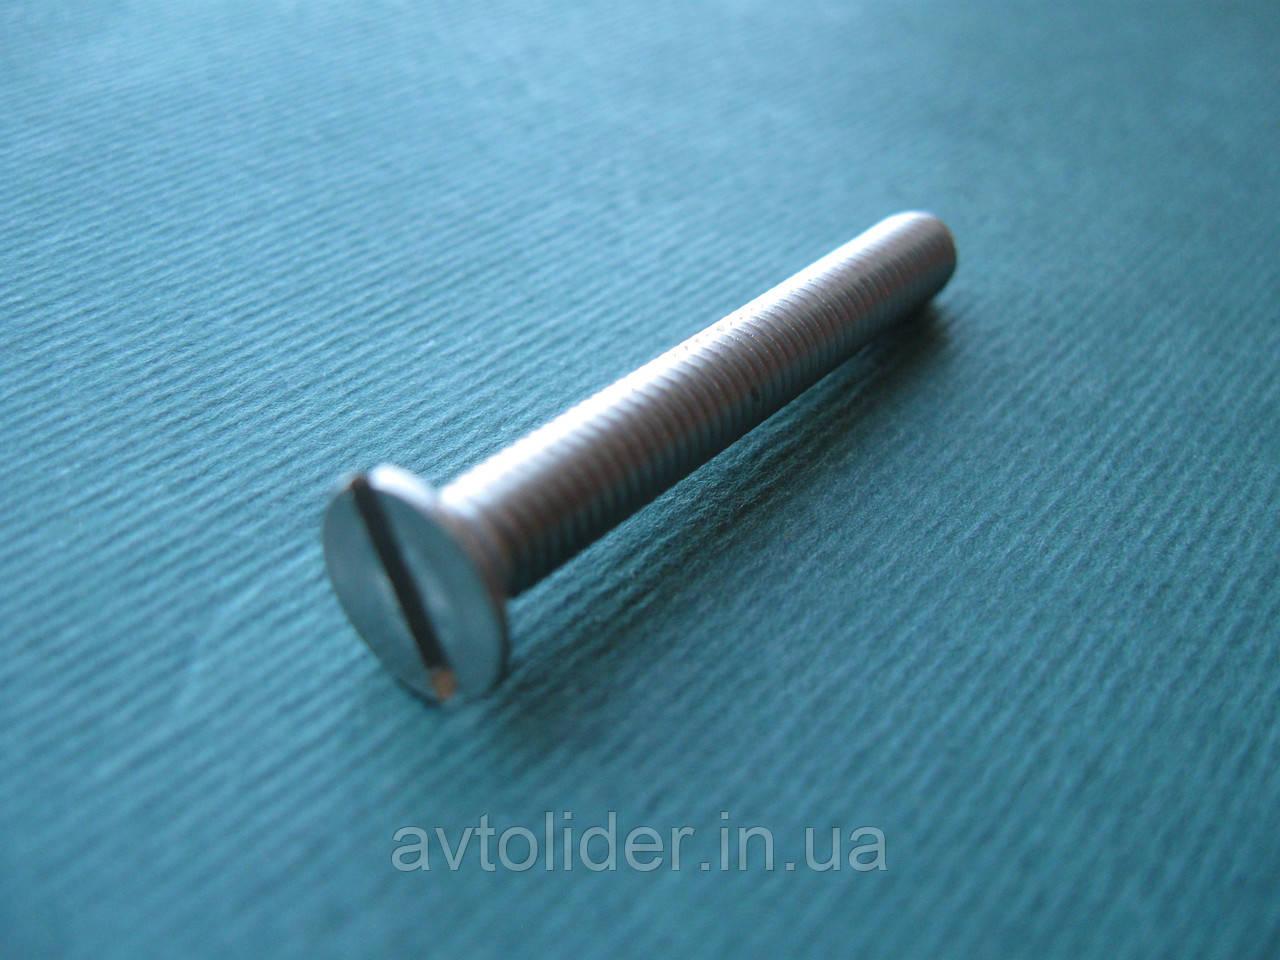 DIN 963 (ГОСТ 17475-80; ISO 2009) : нержавеющий винт с потайной головкой и прямым шлицем